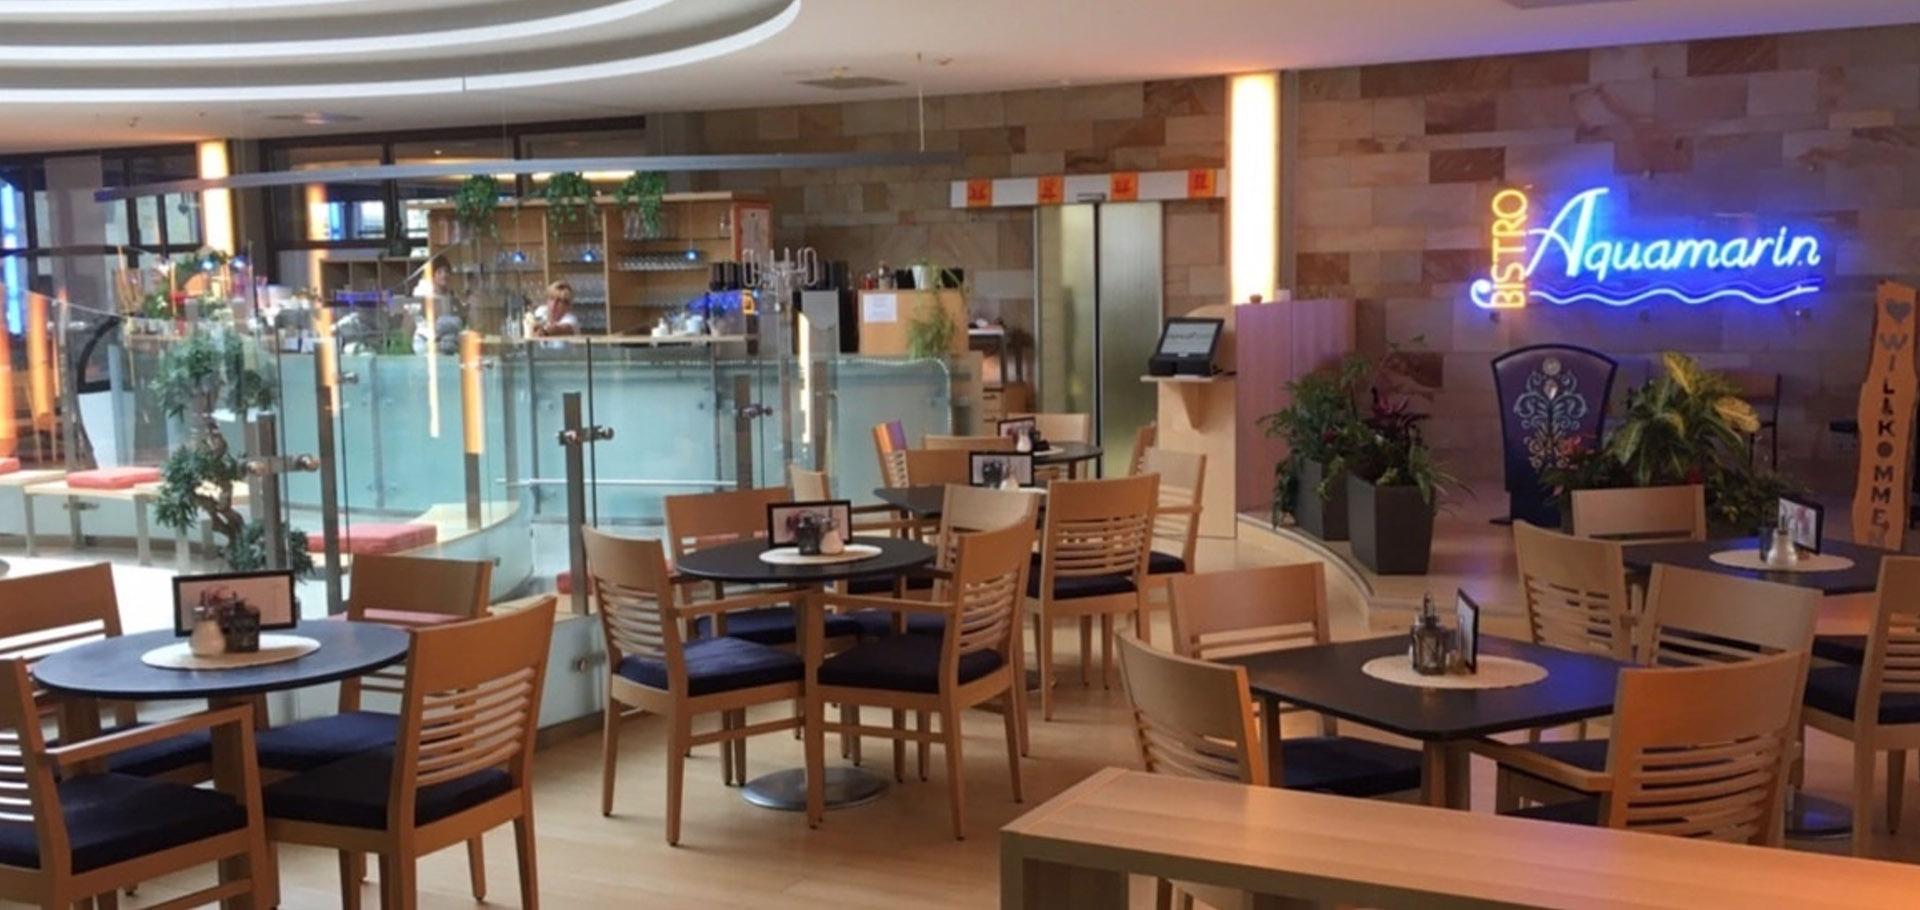 Restaurant & Cafe Aquamarin